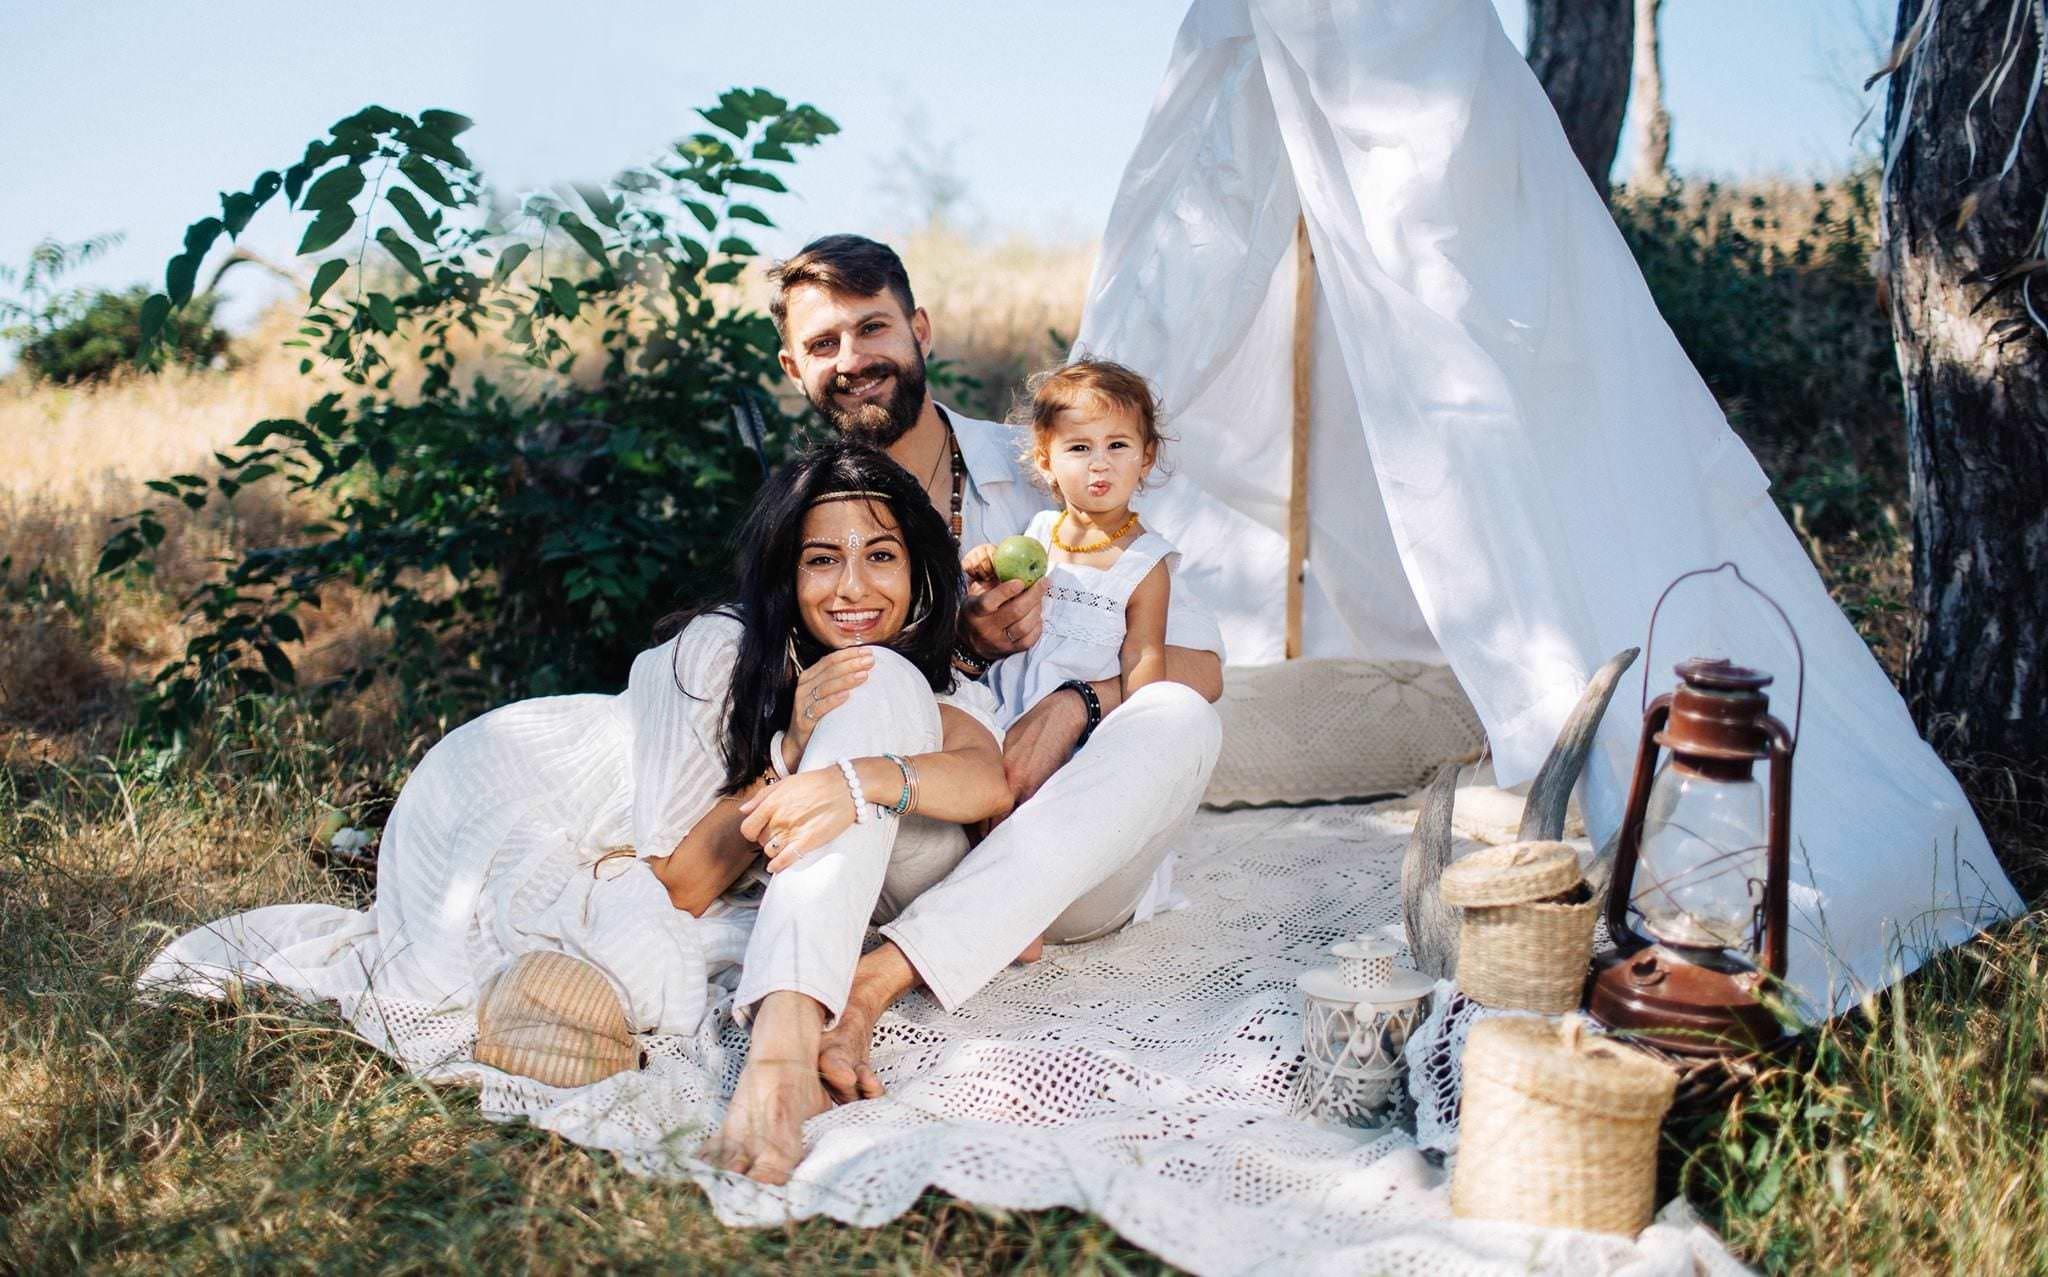 Свадьба в стиле бохо – все тонкости проведения